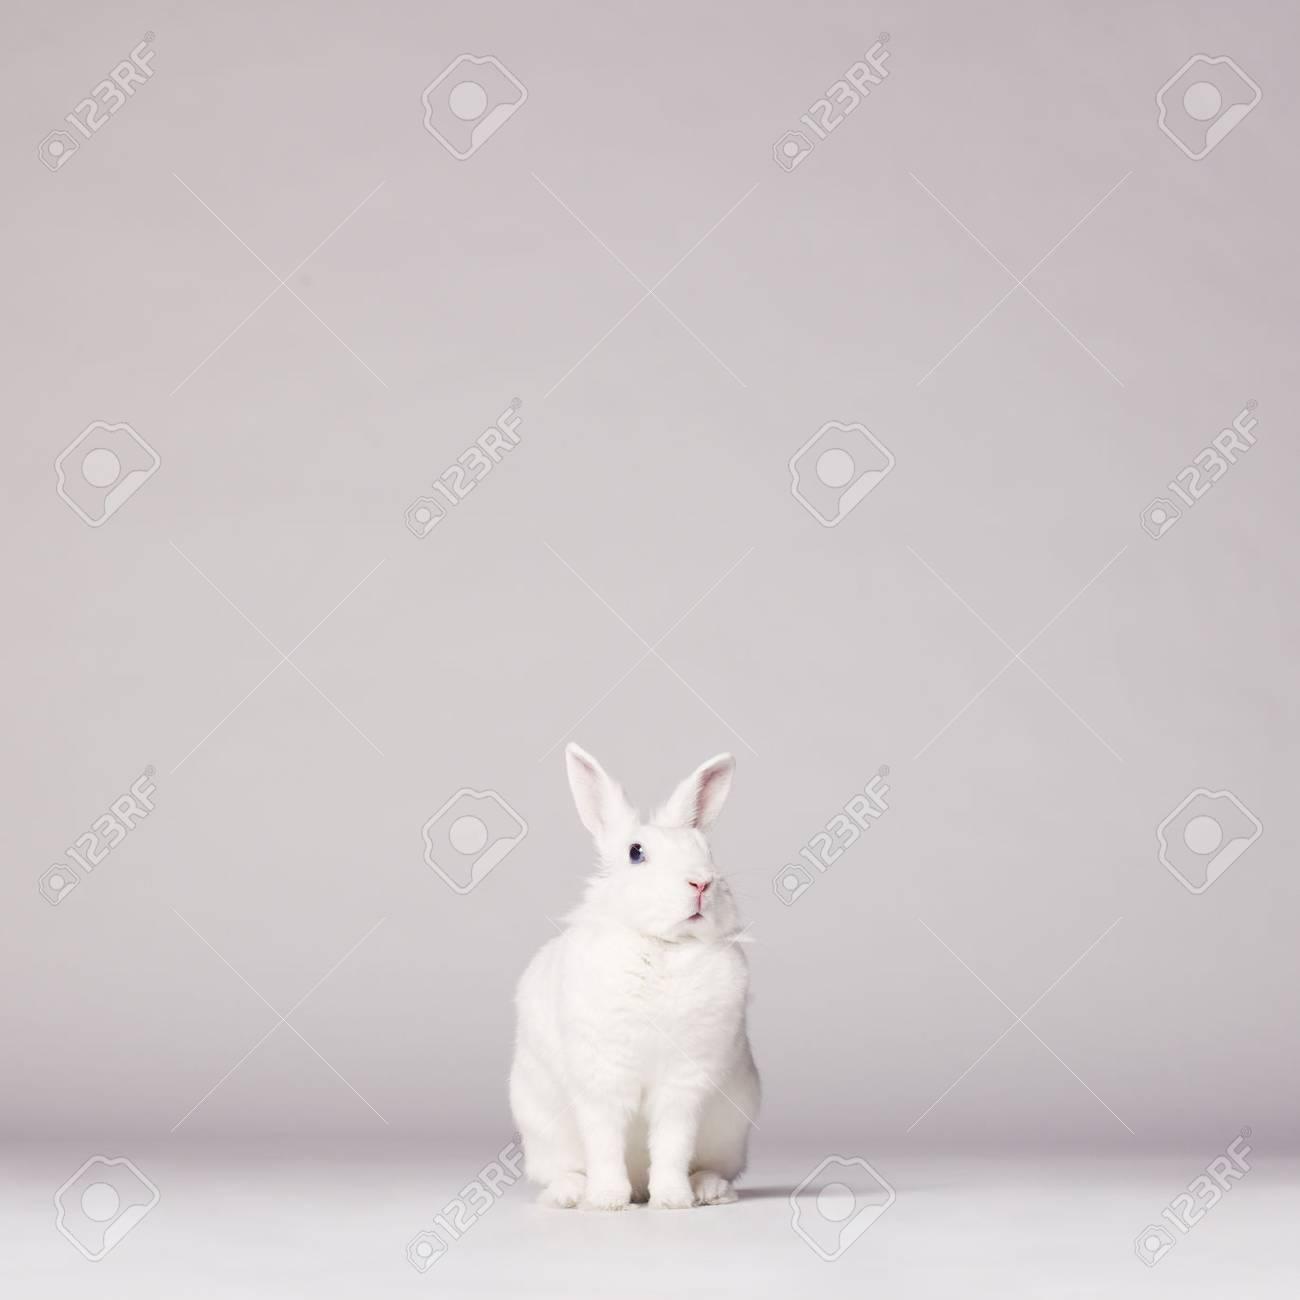 Studio photo of white rabbit on white background Standard-Bild - 39545137